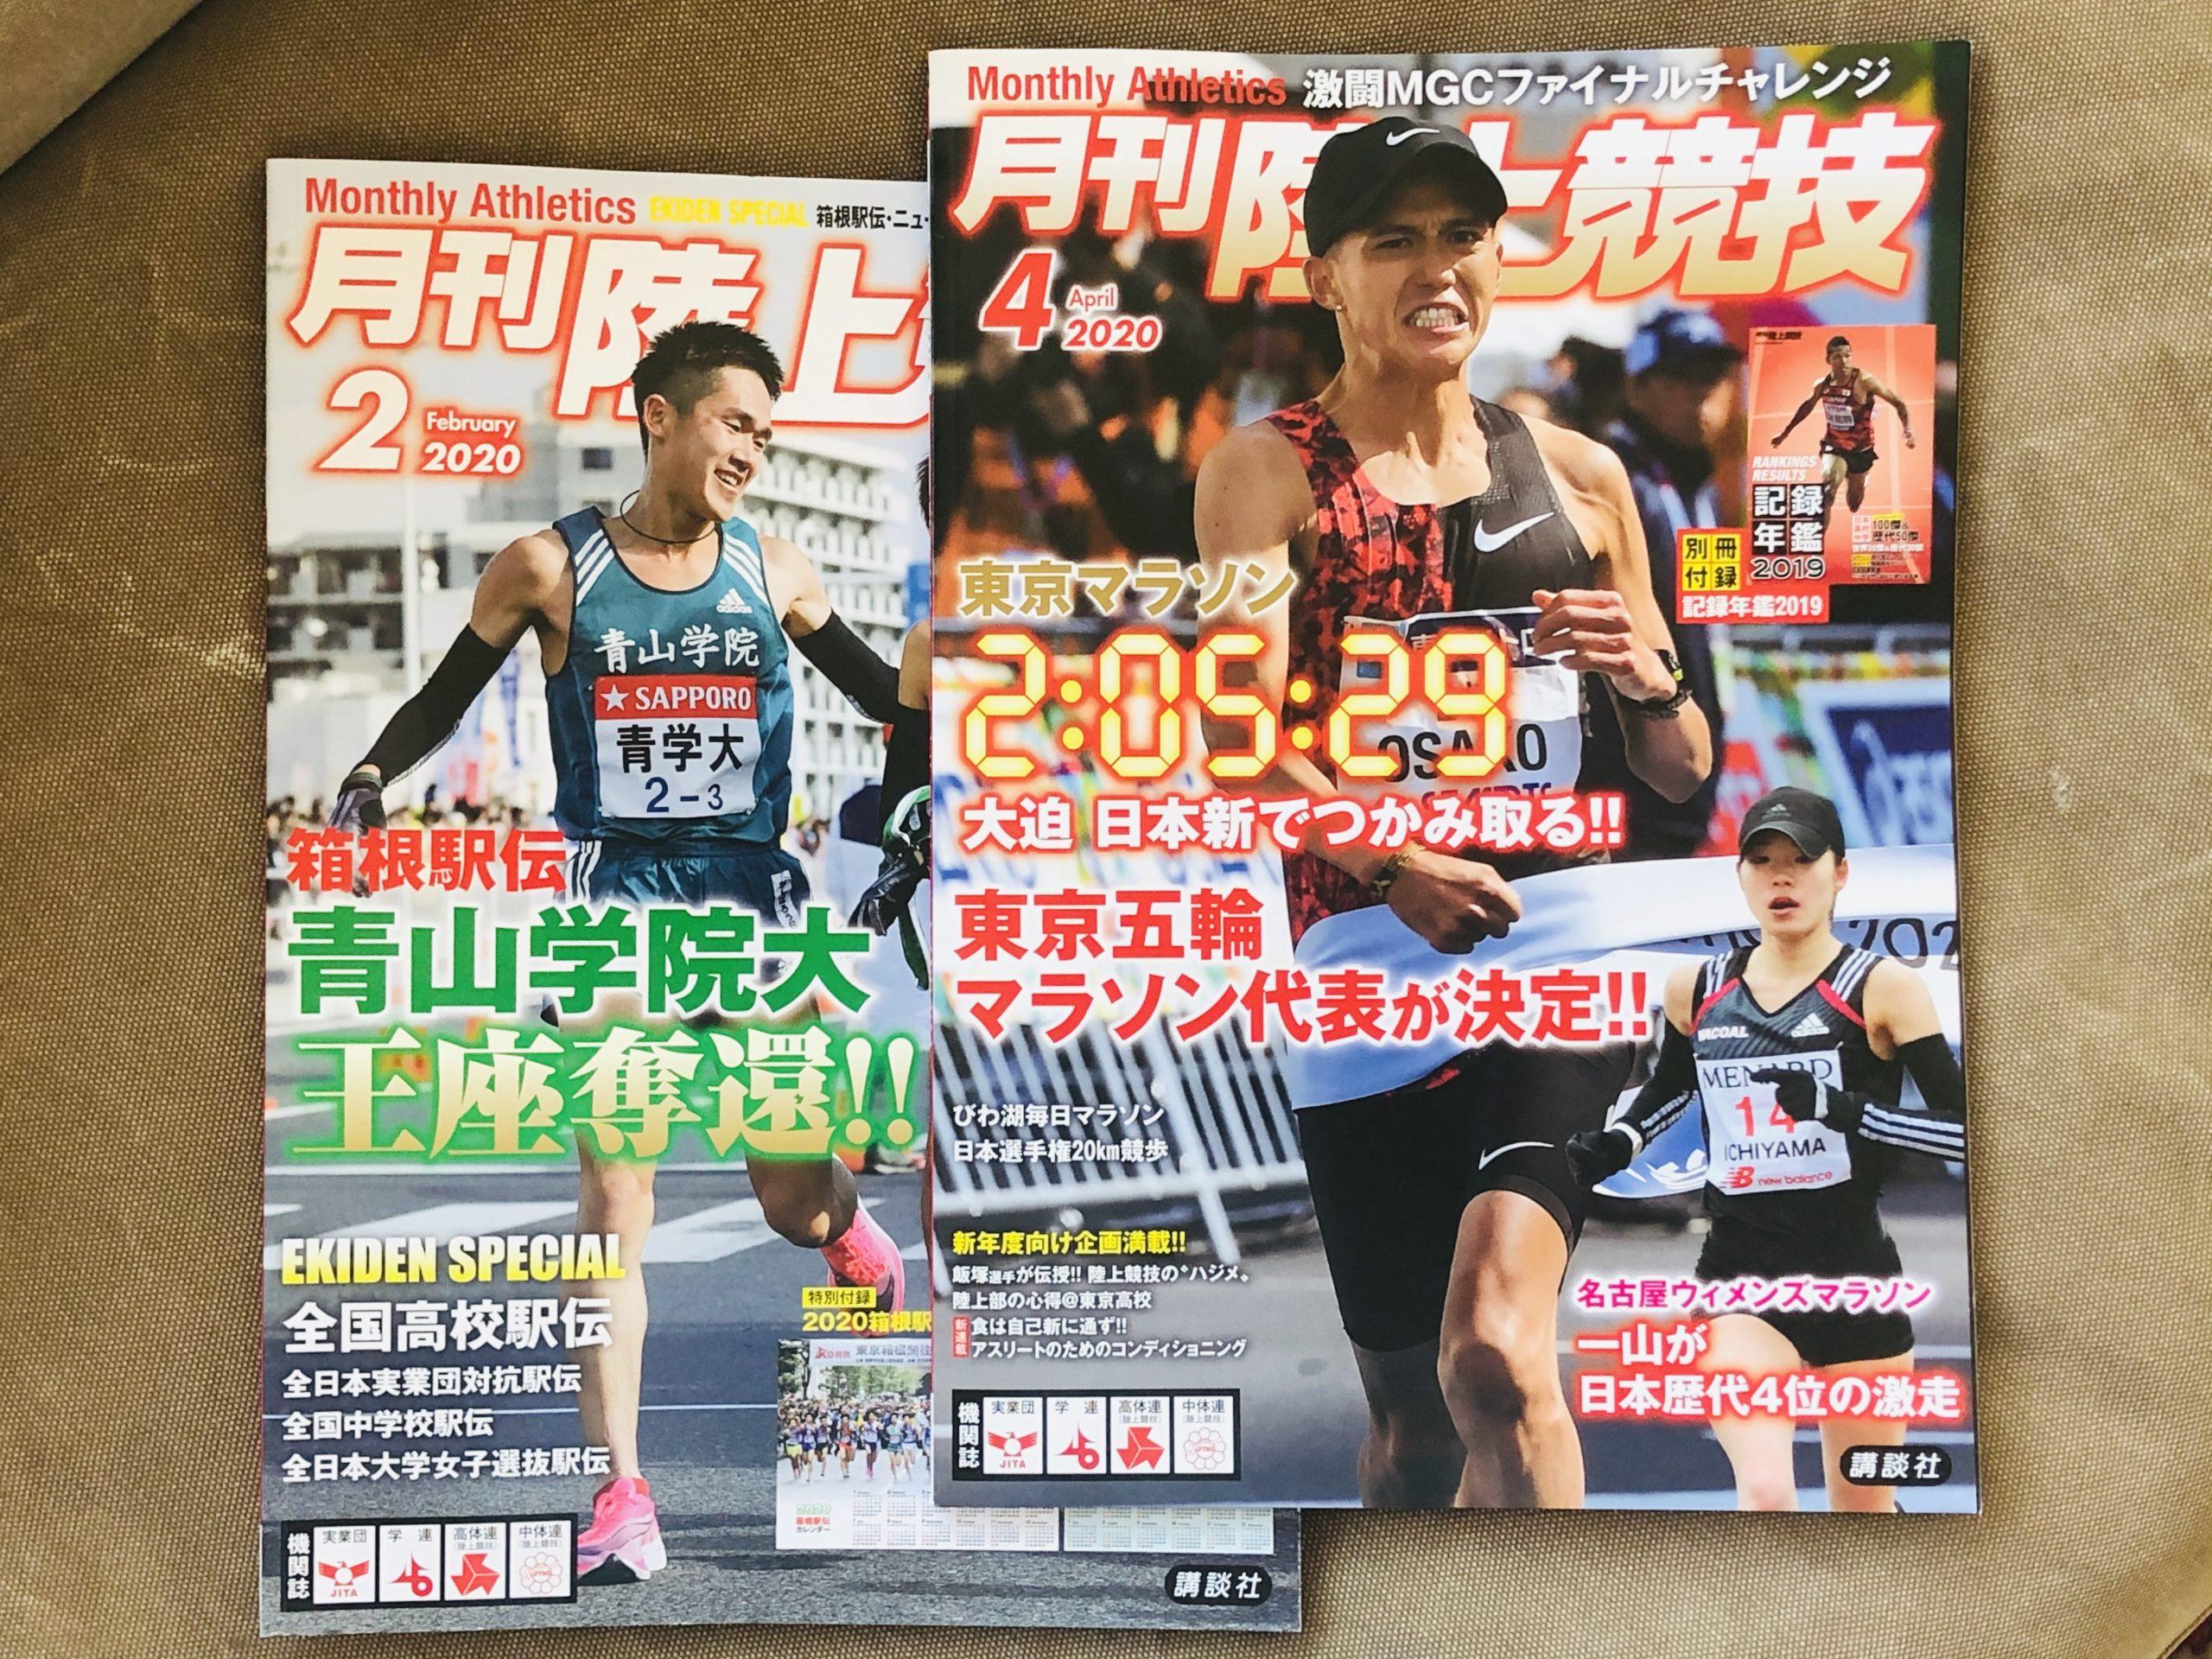 月刊陸上競技(陸上競技社・講談社)のサムネイル